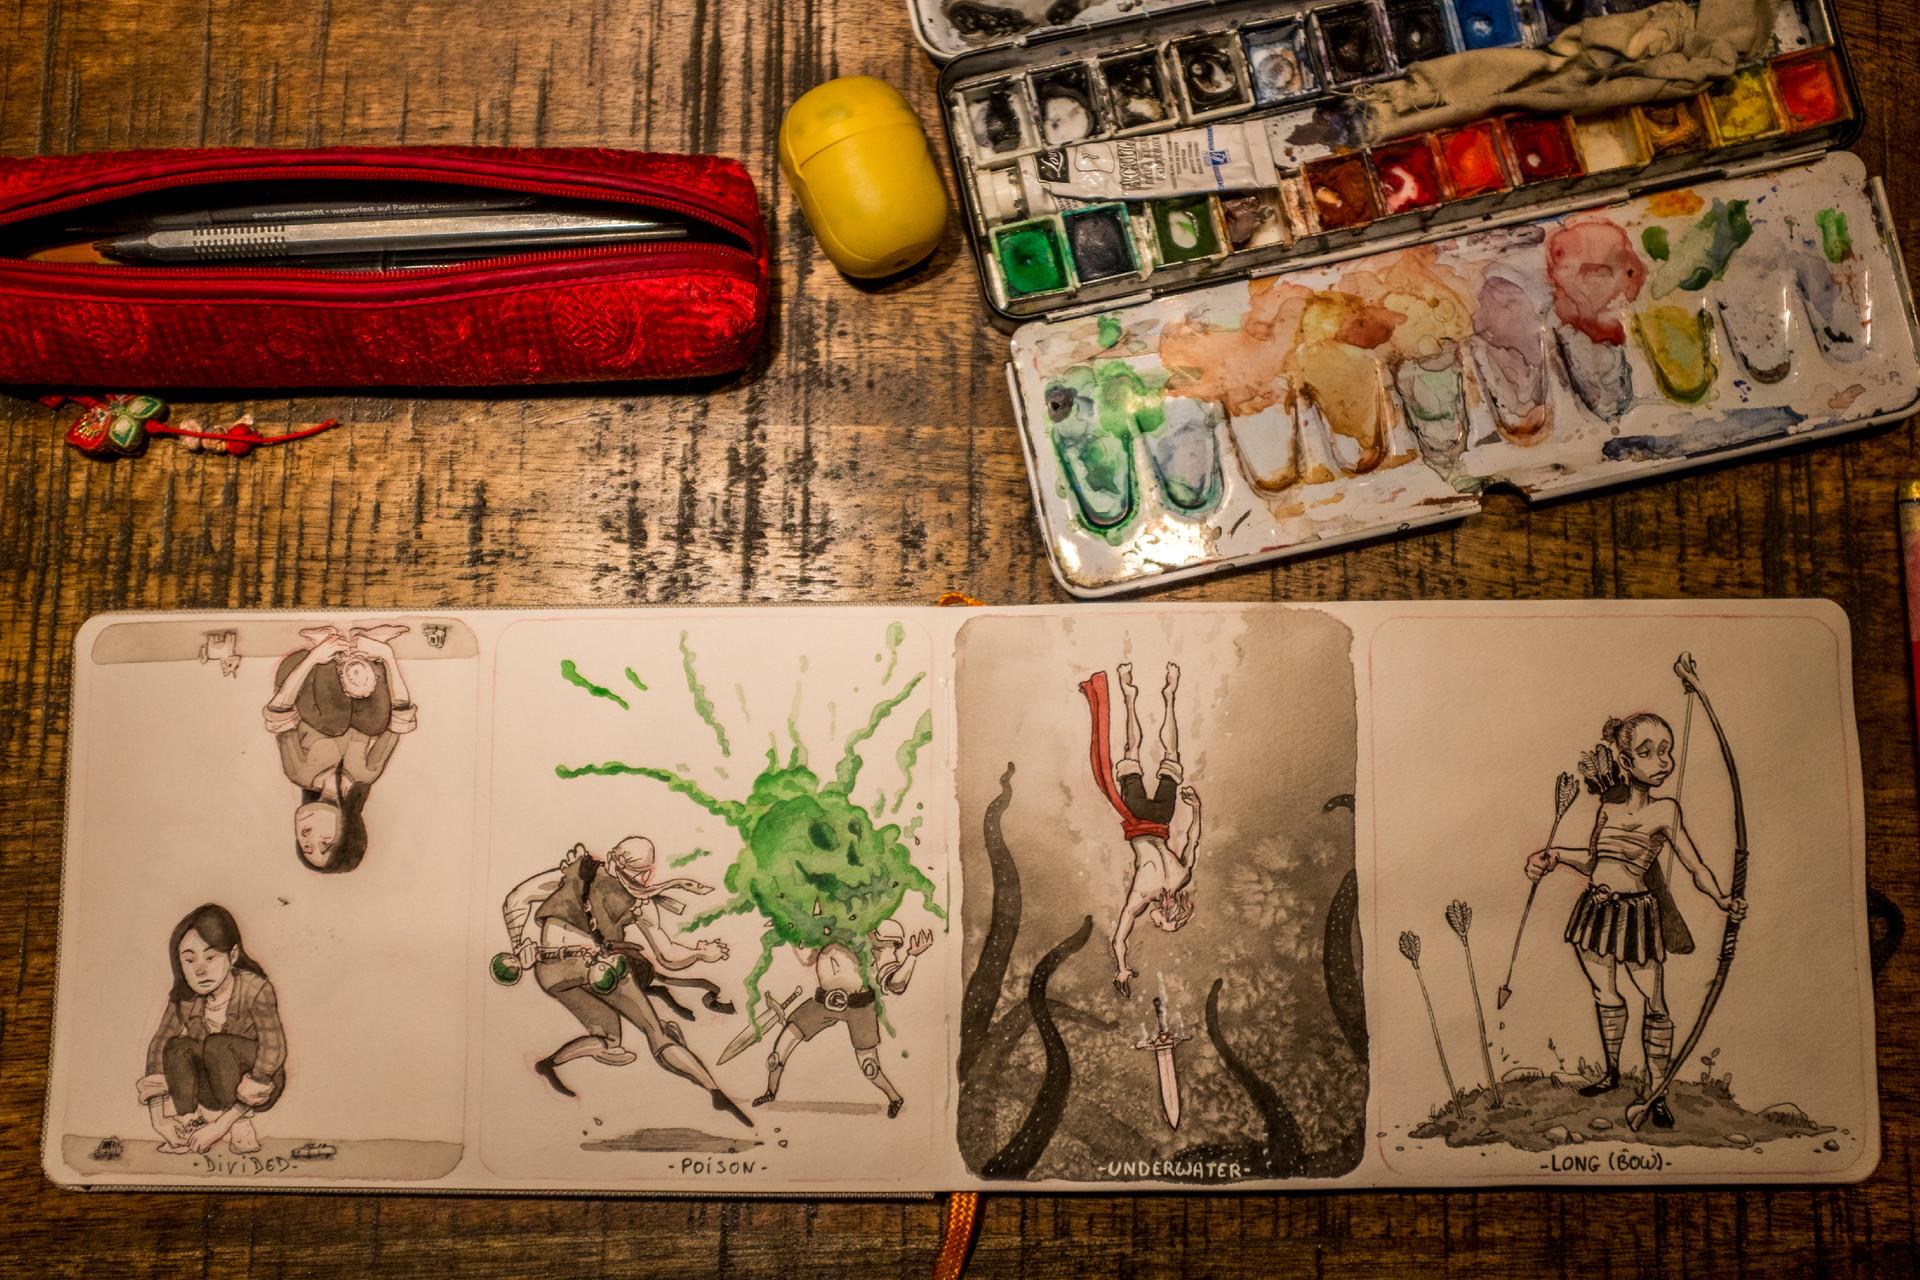 Vincent derozier vincent derozier drawings 13